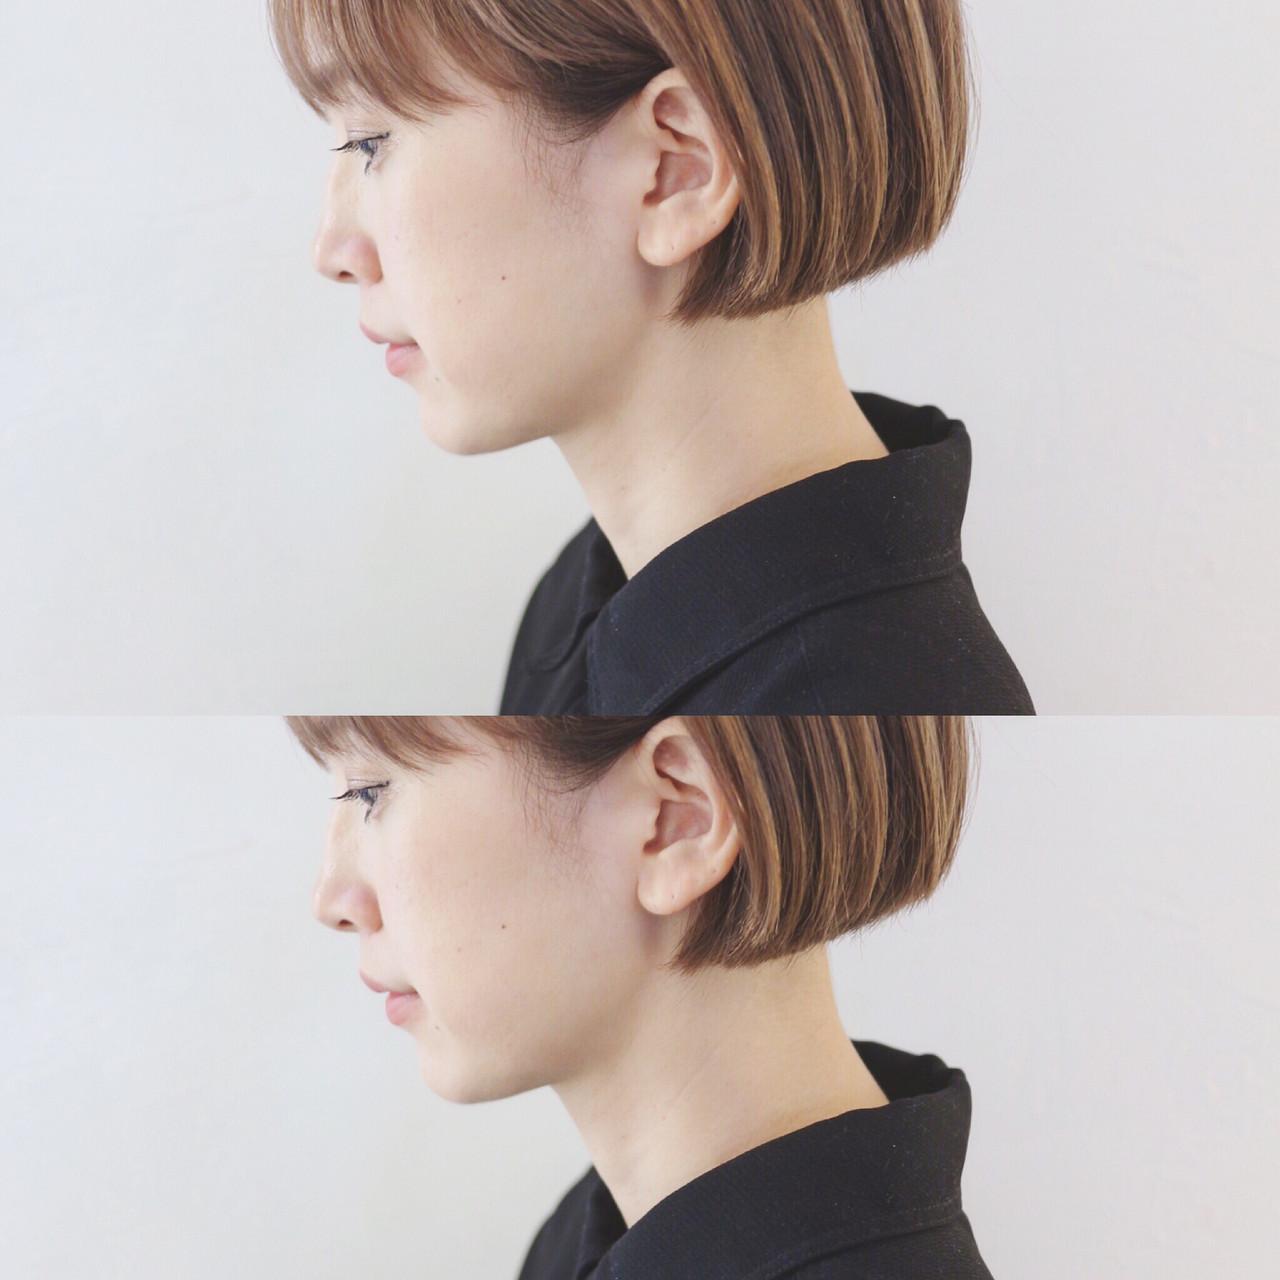 ミニボブ ボブ ハイトーン ショートヘア ヘアスタイルや髪型の写真・画像